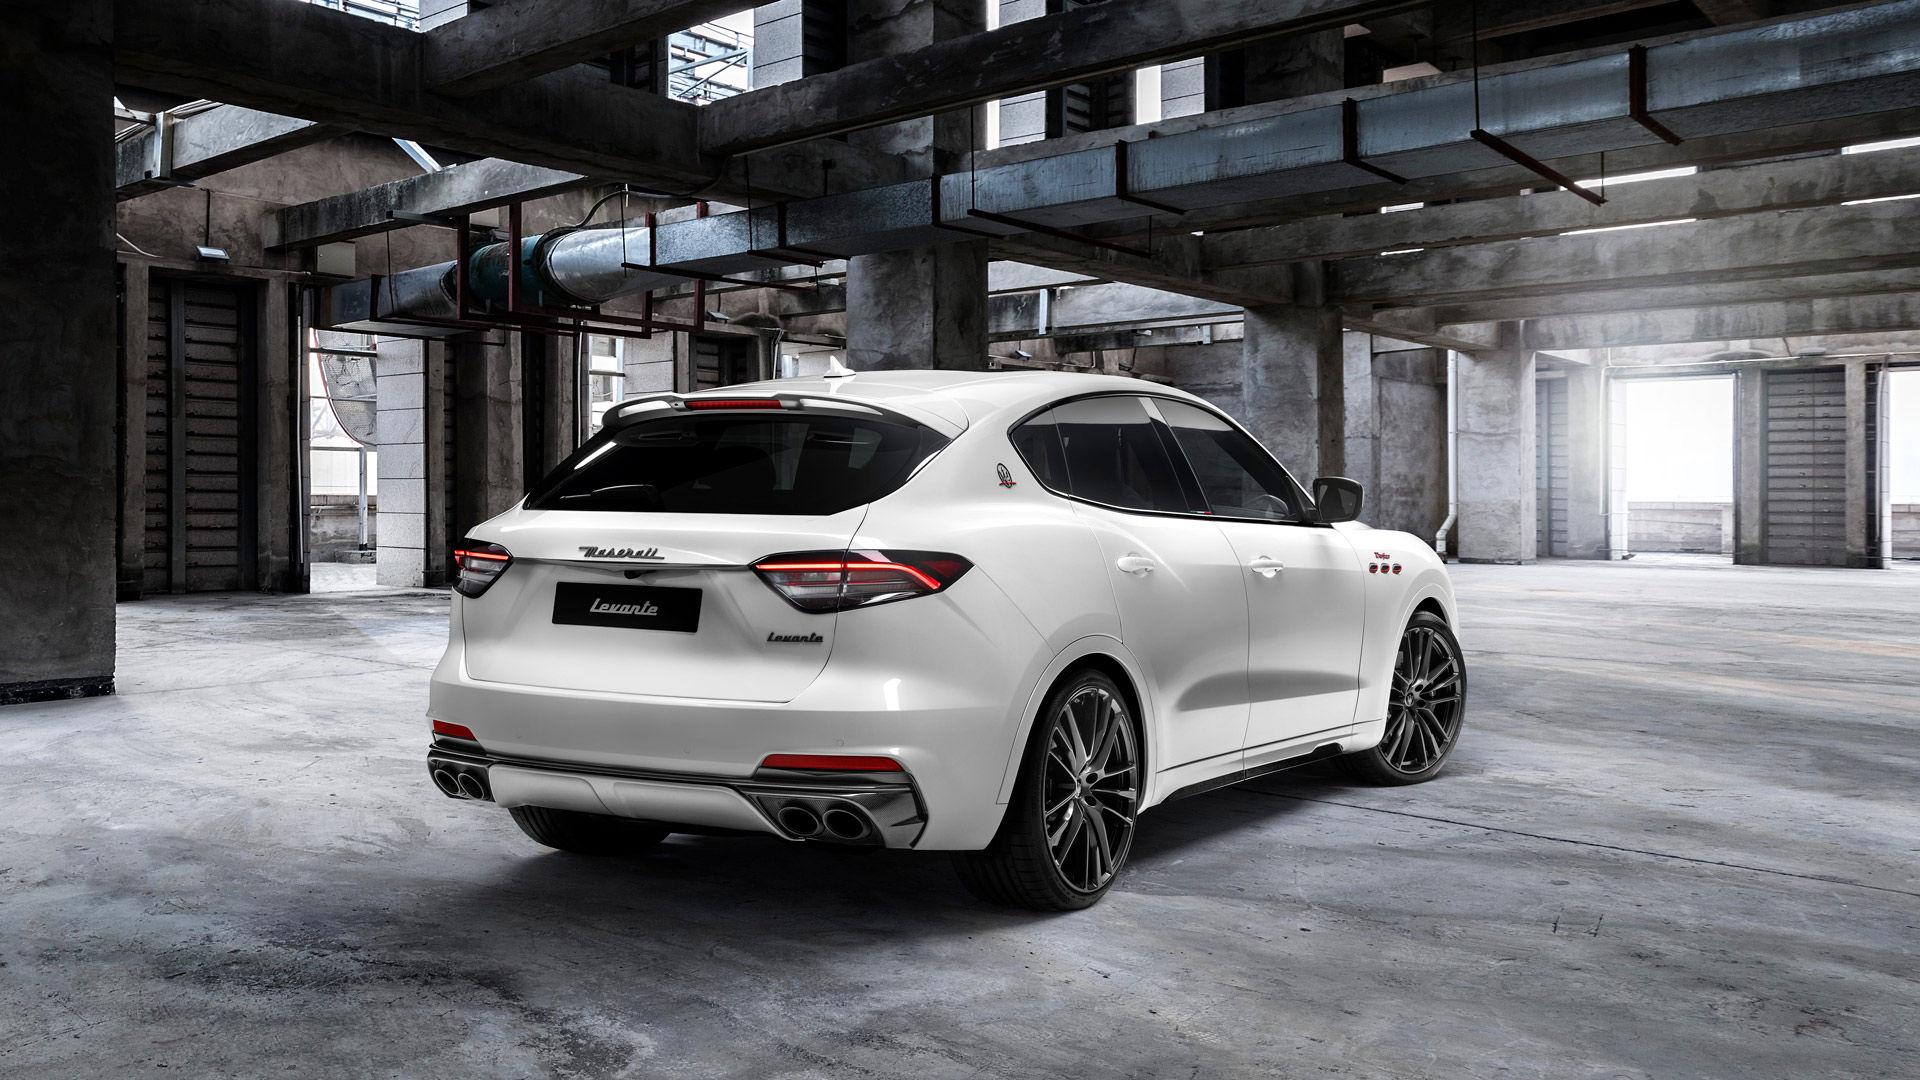 Maserati Levante Trofeo - Weiß - von hinten